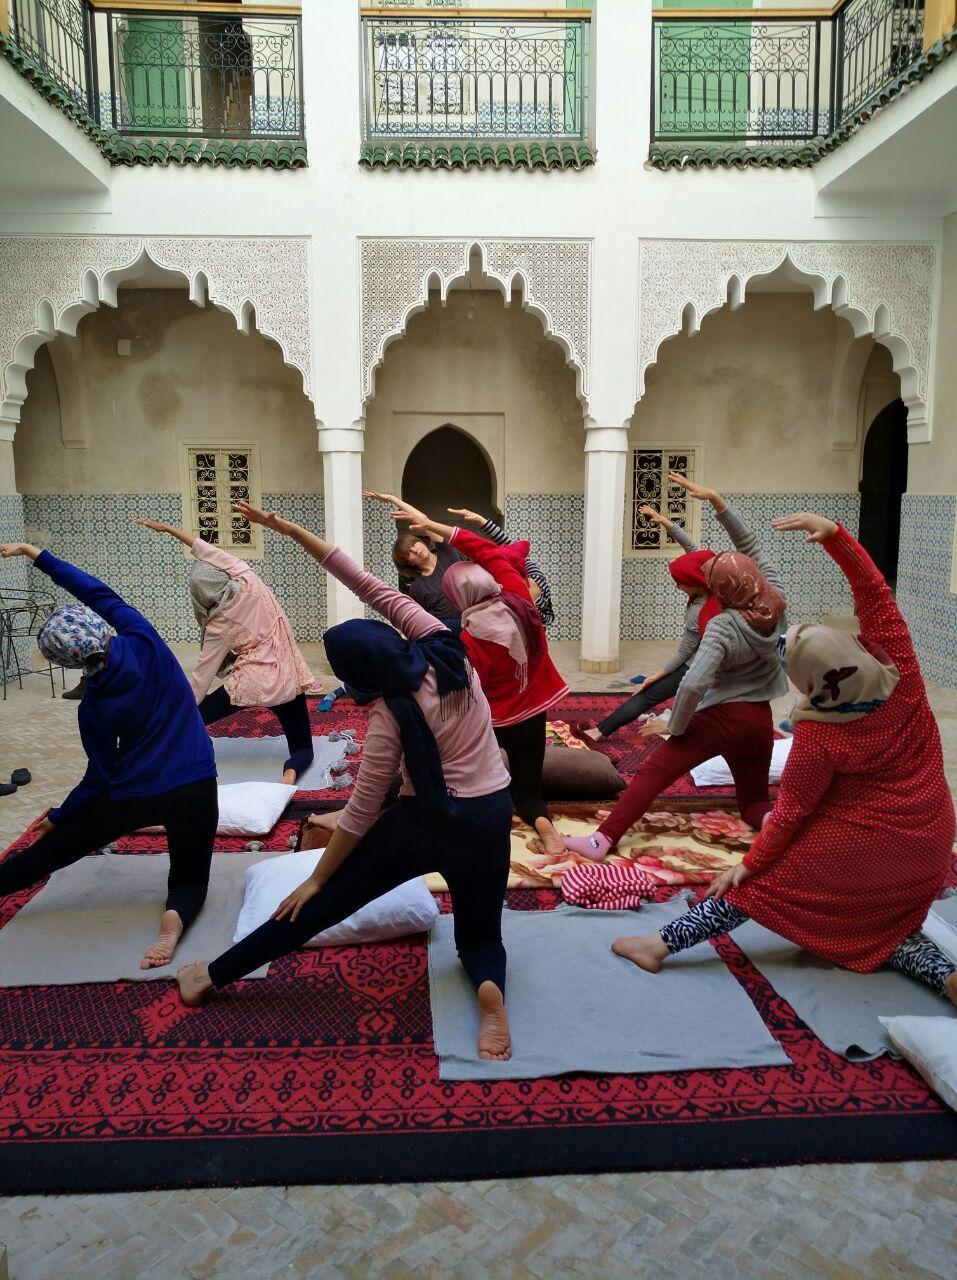 Yoga as a tool